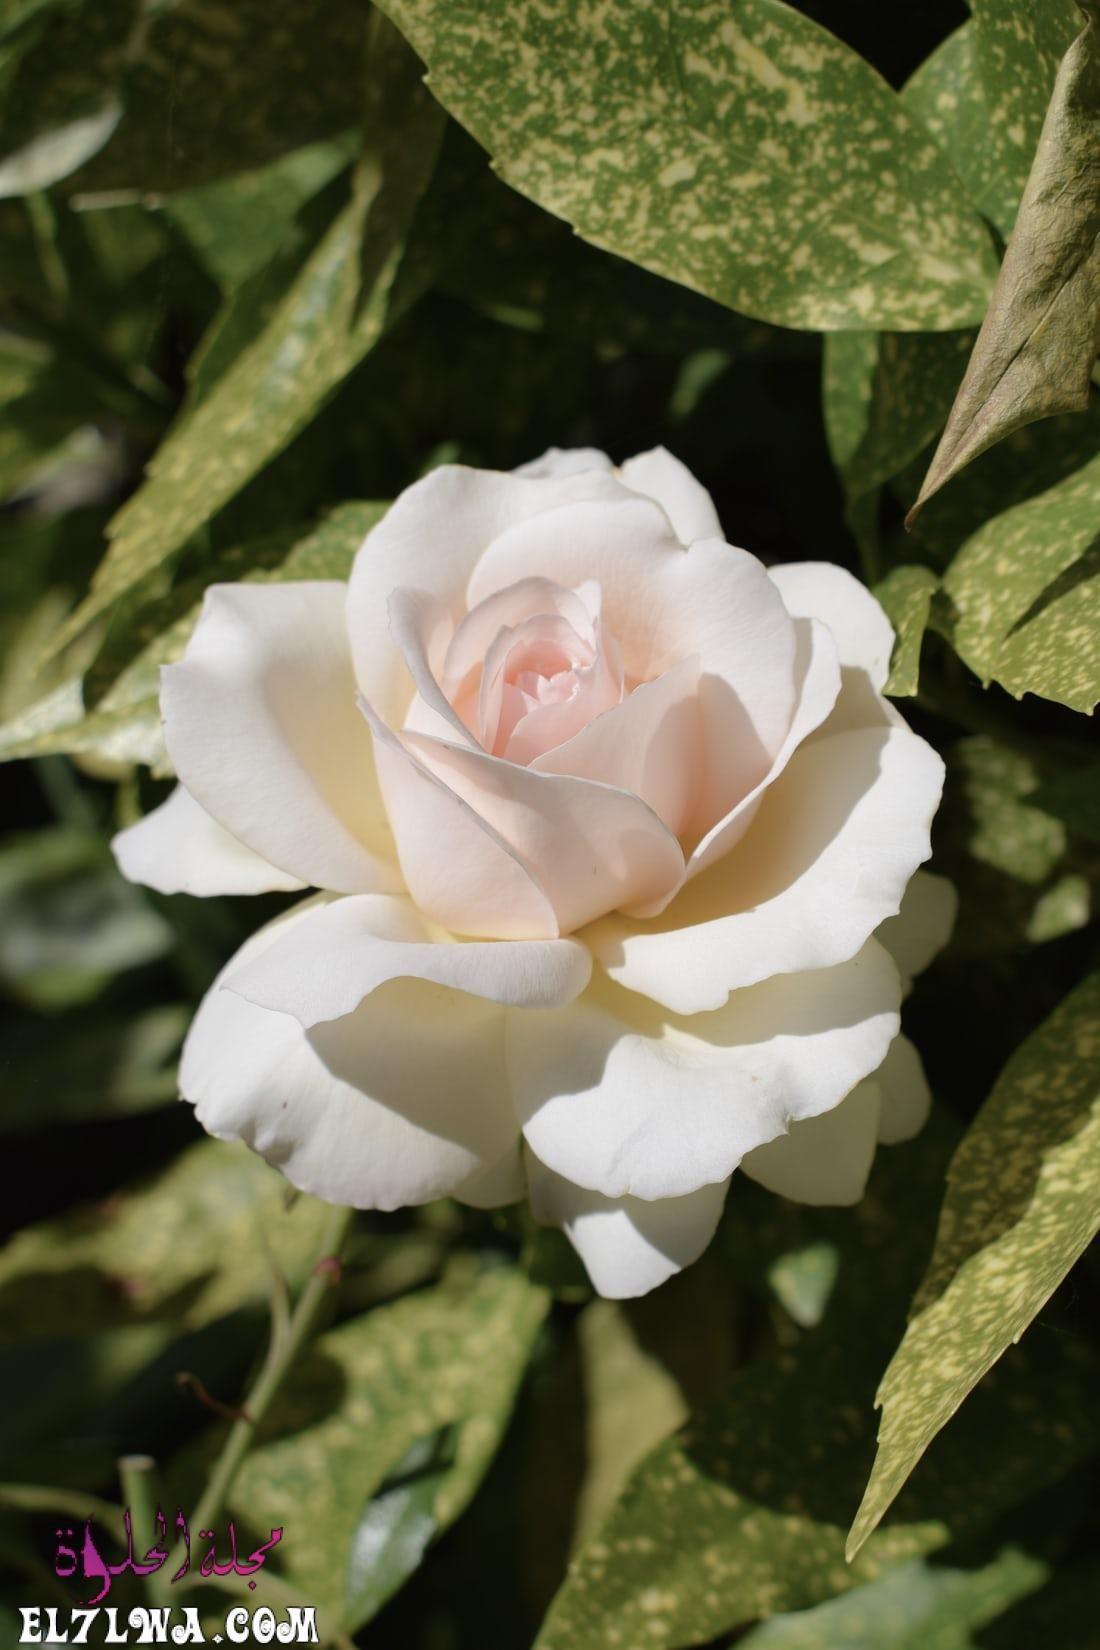 خلفيات ورد خلفيات ورود جميلة جدا خلفيات ورد طبيعي الورد من أكثر الأشياء التي ترسم البسمة وتبعث الر احة والت ف In 2021 Rose Flower Pictures Rose Flower Photos Flowers